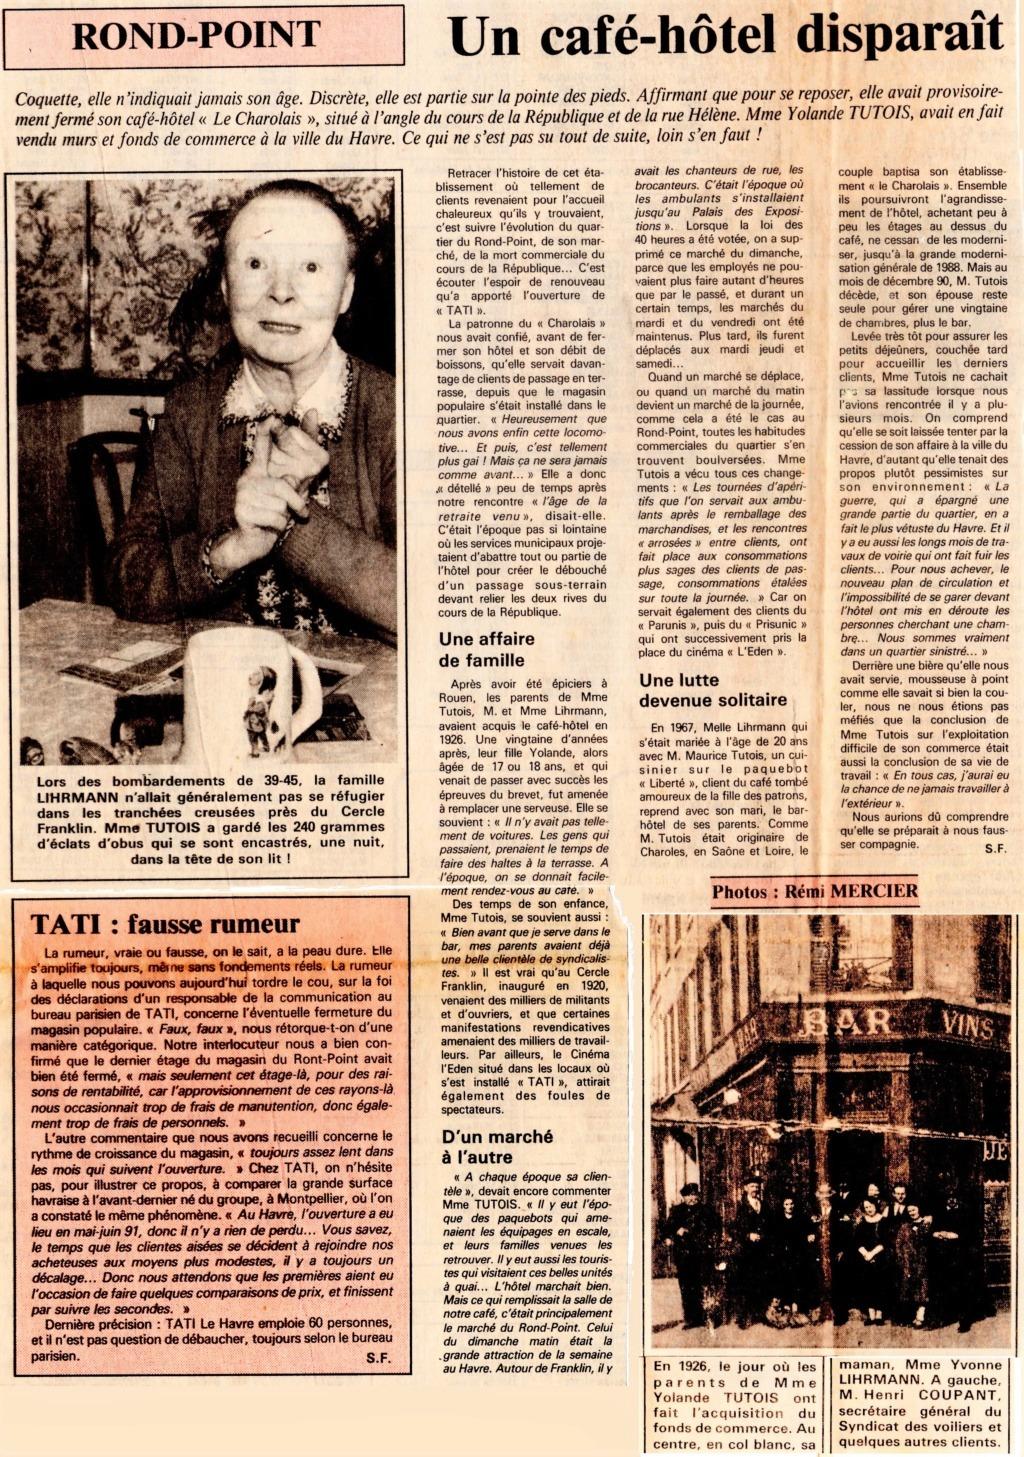 Havre - Le Havre - Hôtel Charolais de la famille LIHRMANN au Rond-Point 1992-110